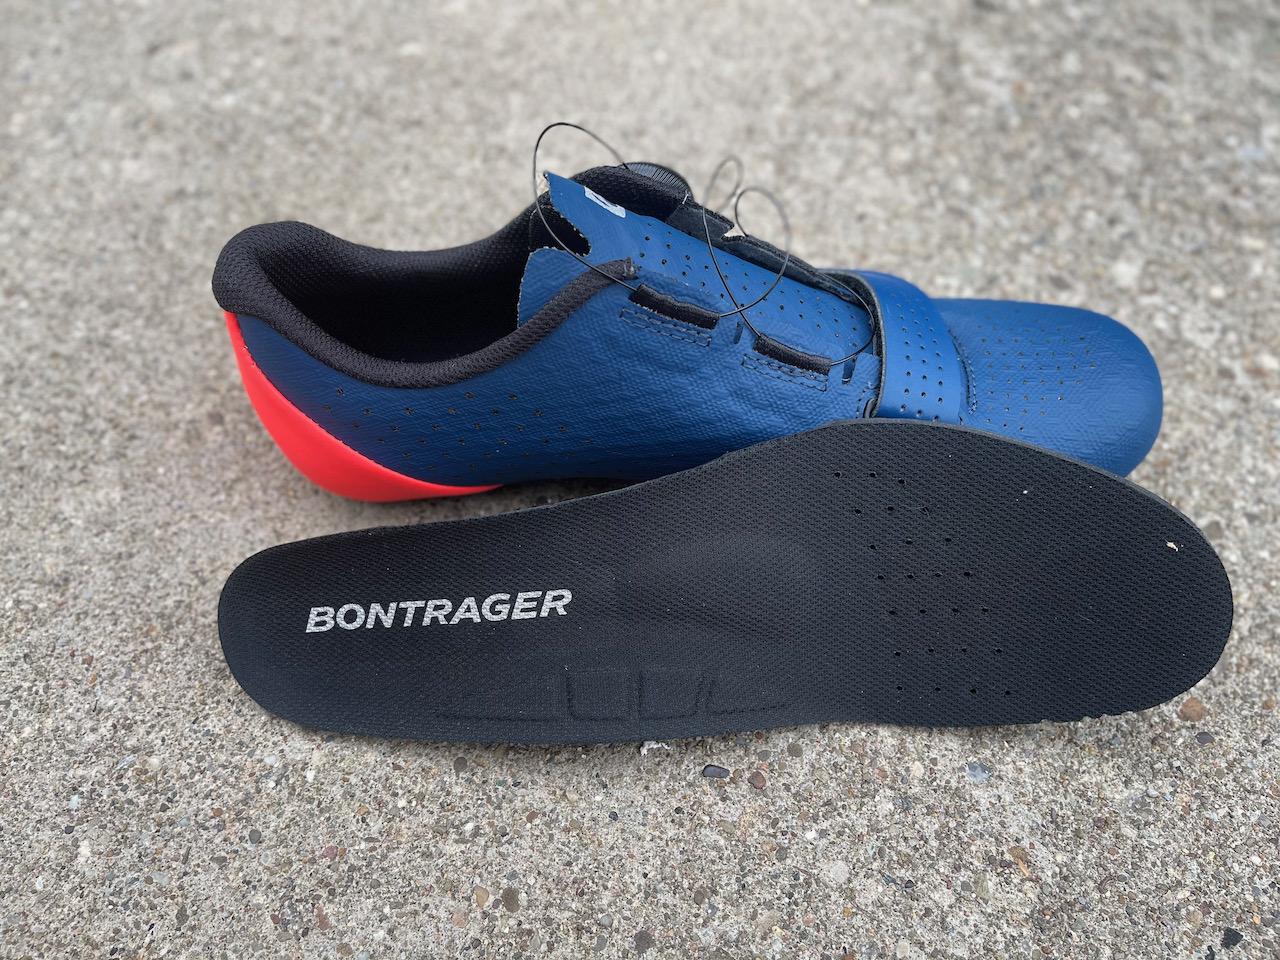 Bontrager Circuit shoe insole